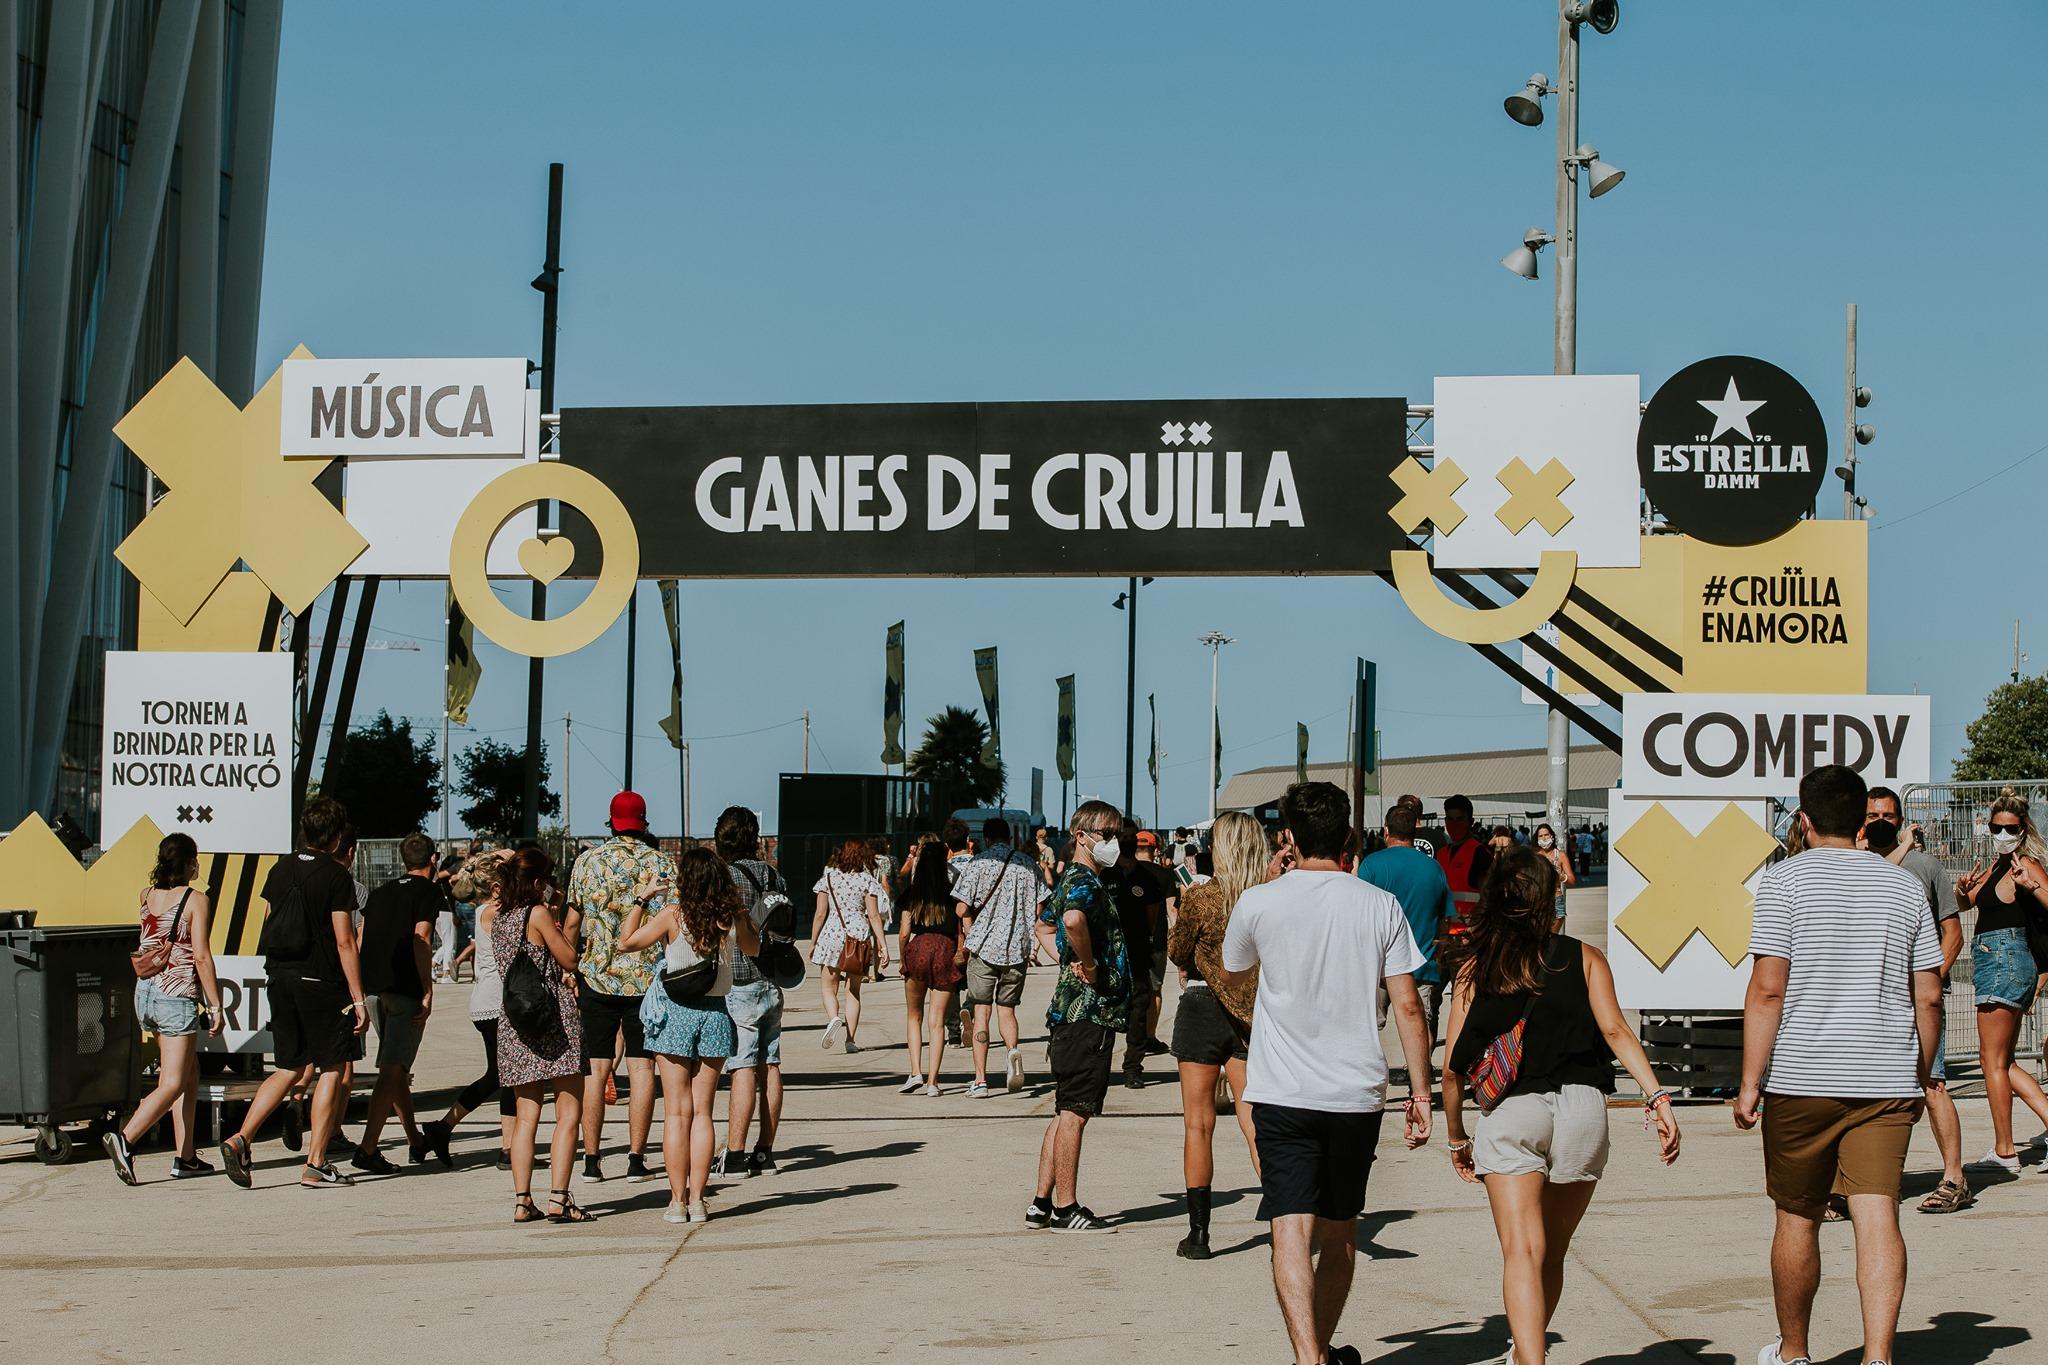 Cruïlla Barcelona Festival in Spain 2022